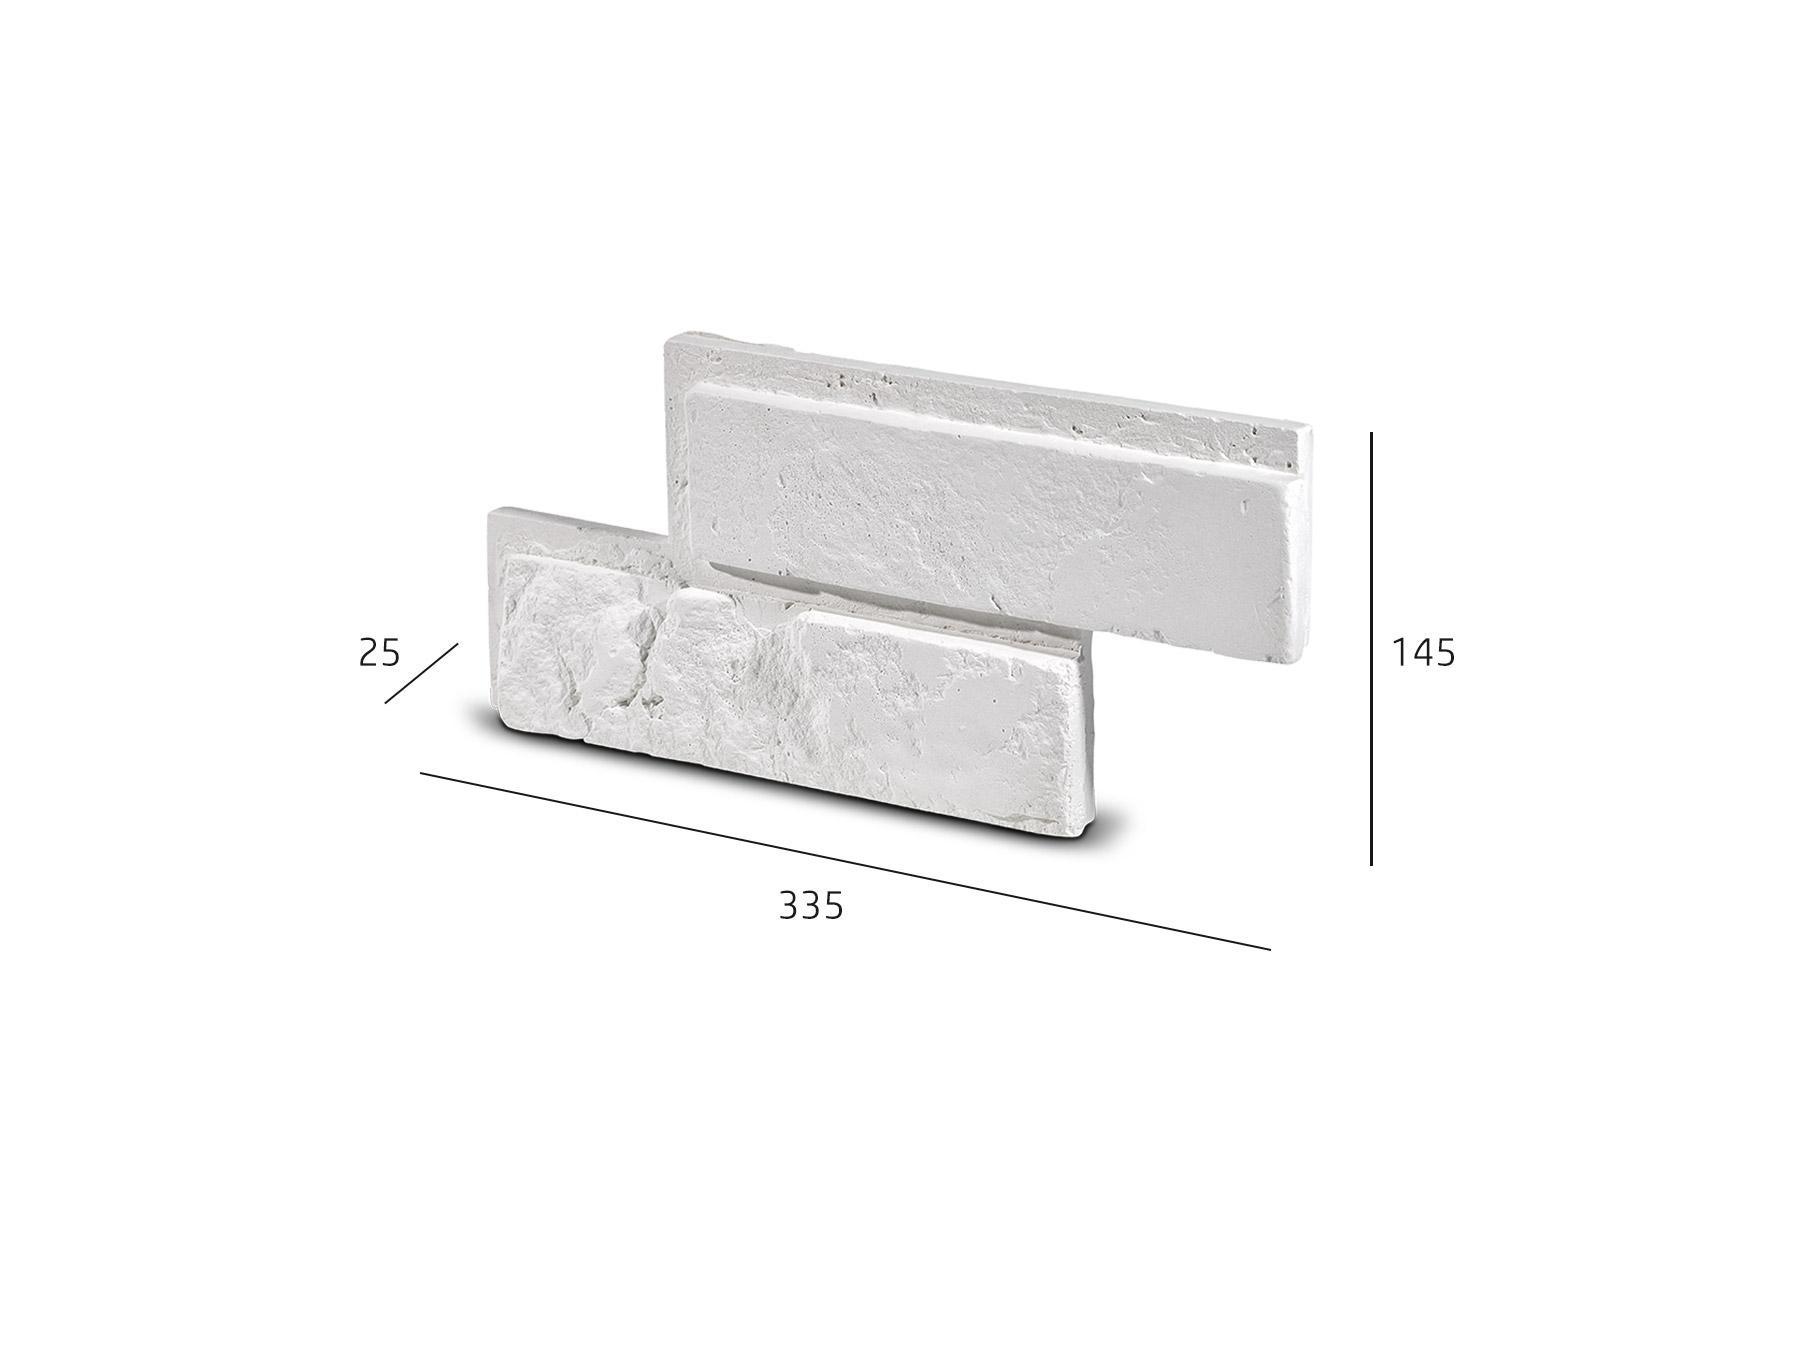 Cihlový obklad se spárou BOTIN bílá 335x145x25 mm Sádra  balení 0,46m2